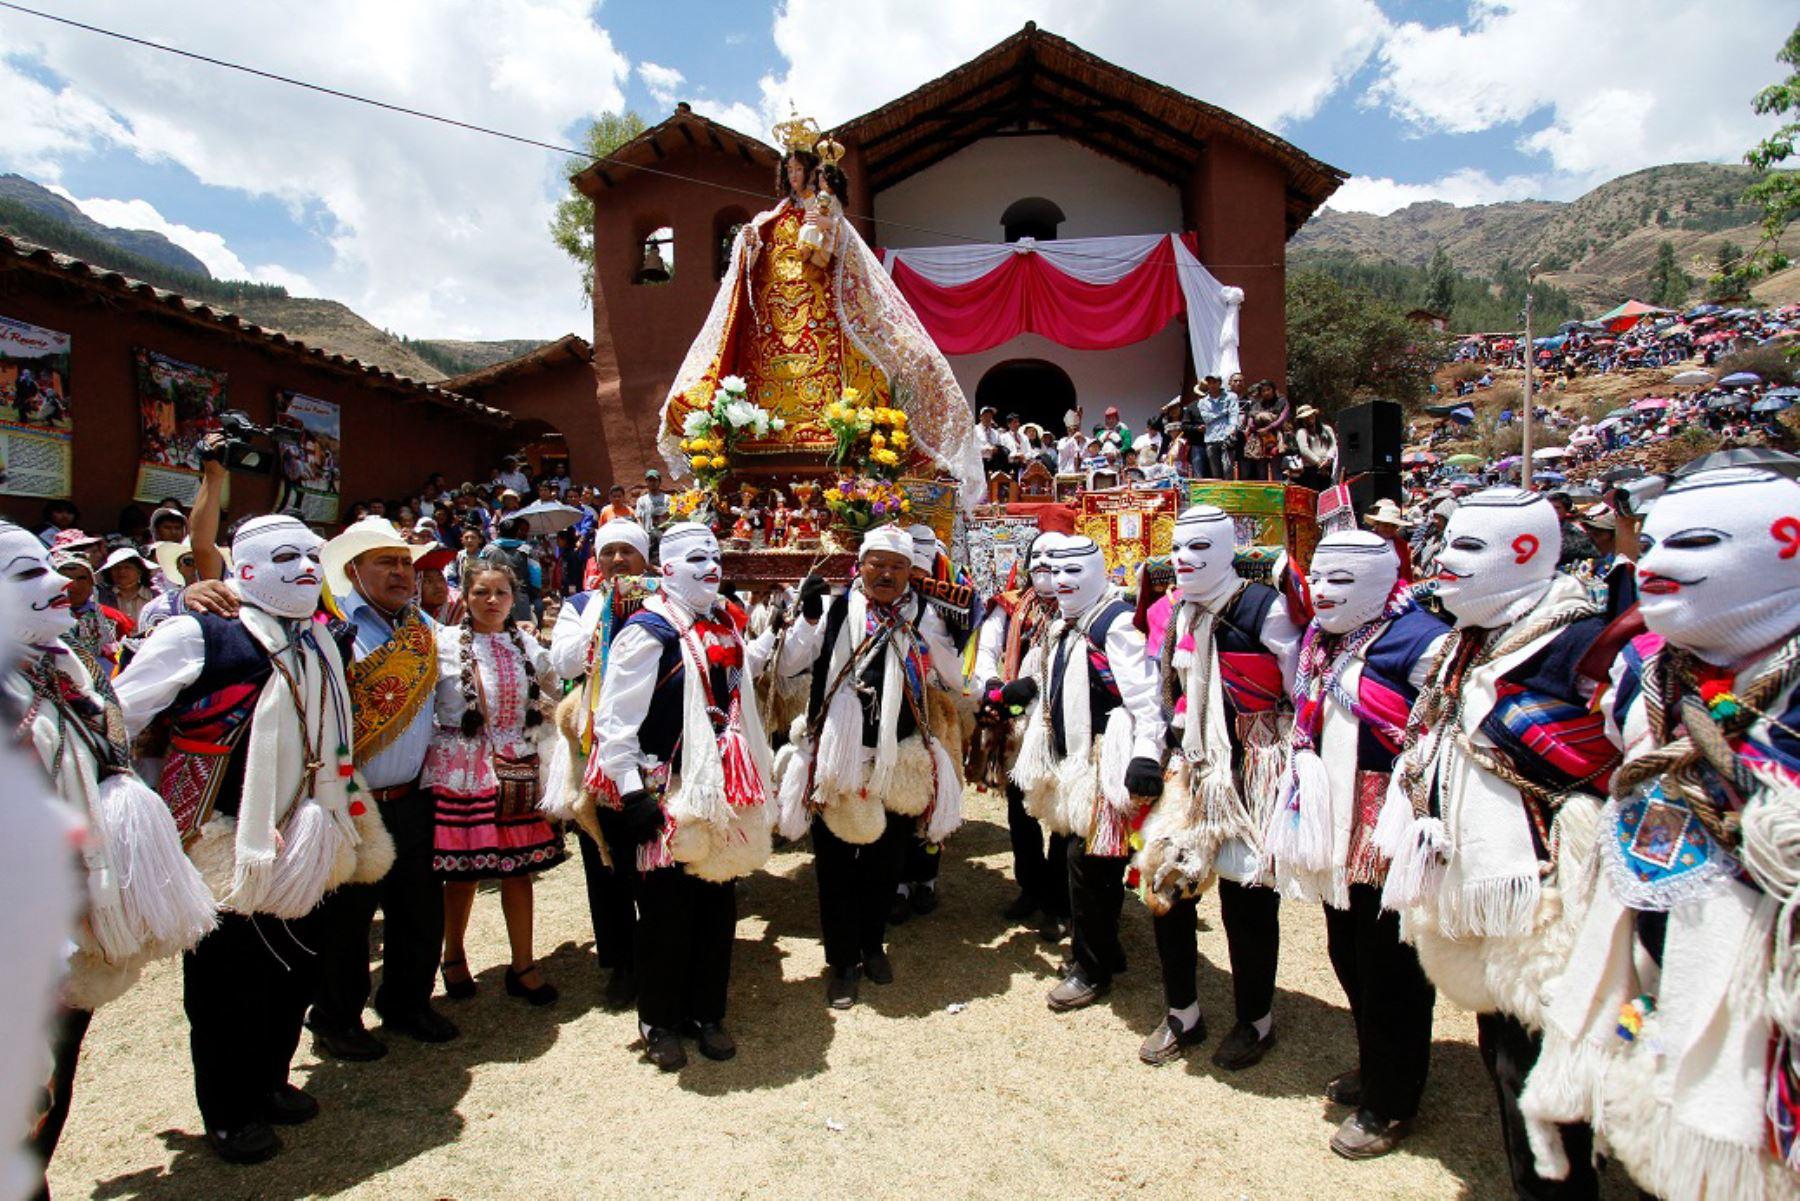 Fieles católicos y turistas participan ne las festividades en honor a la Virgen del Rosario en las provincias de Paucartambo y Calca, región Cusco.